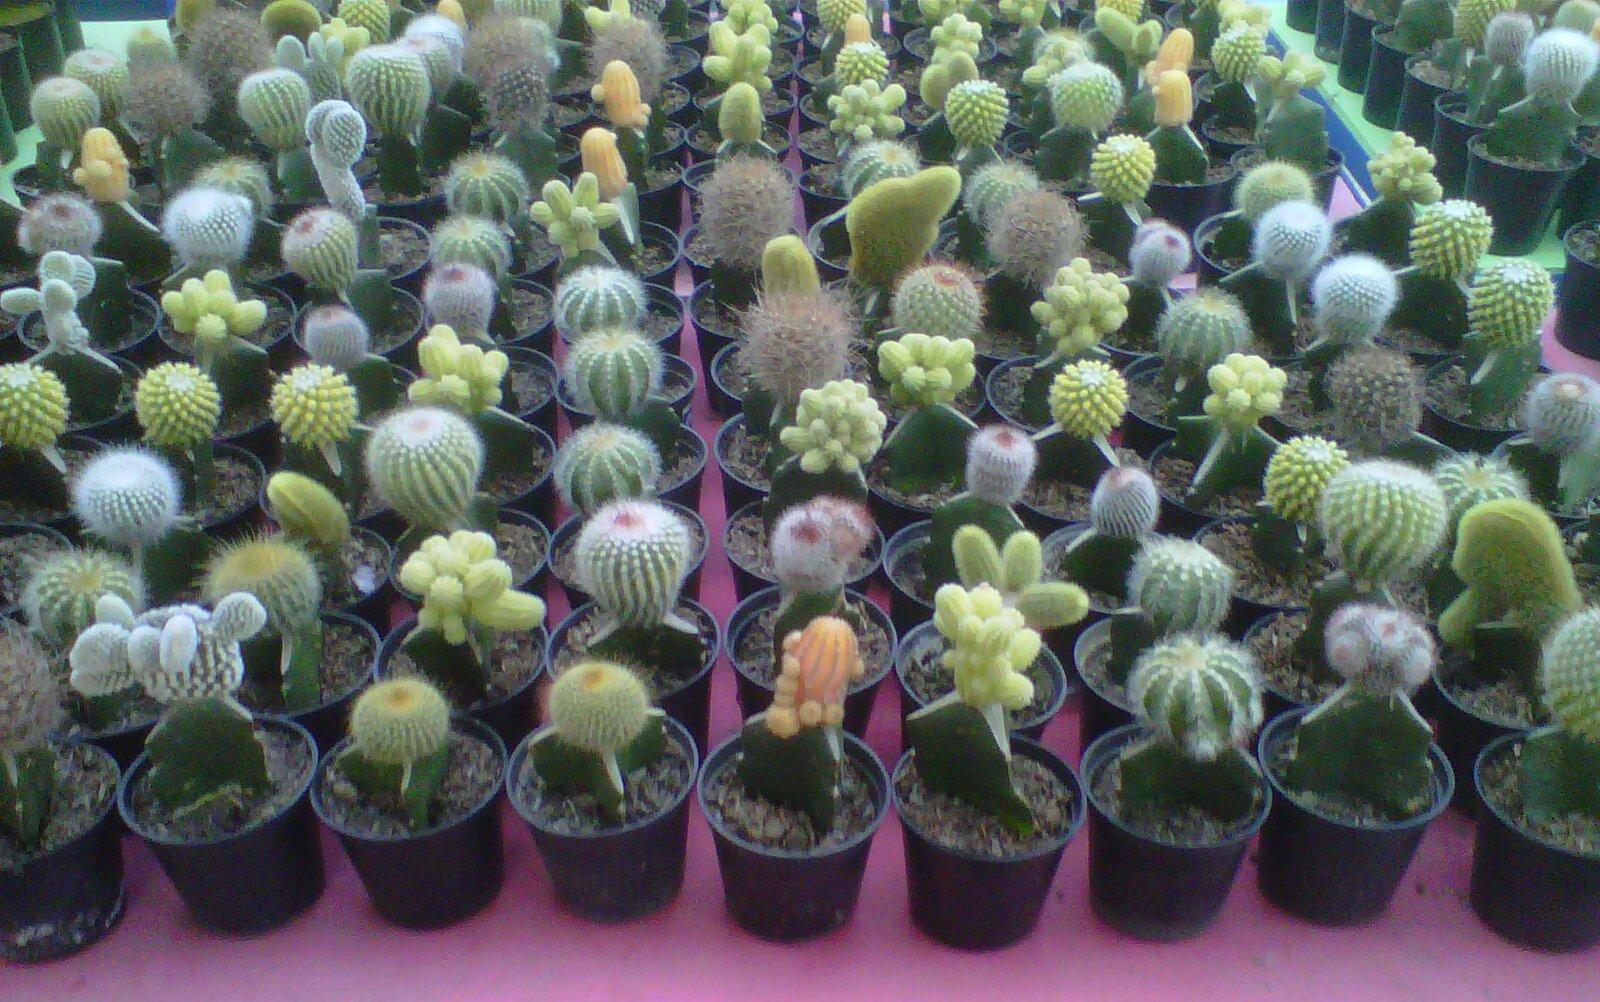 adjie kaktus green house adjie kaktus. Black Bedroom Furniture Sets. Home Design Ideas